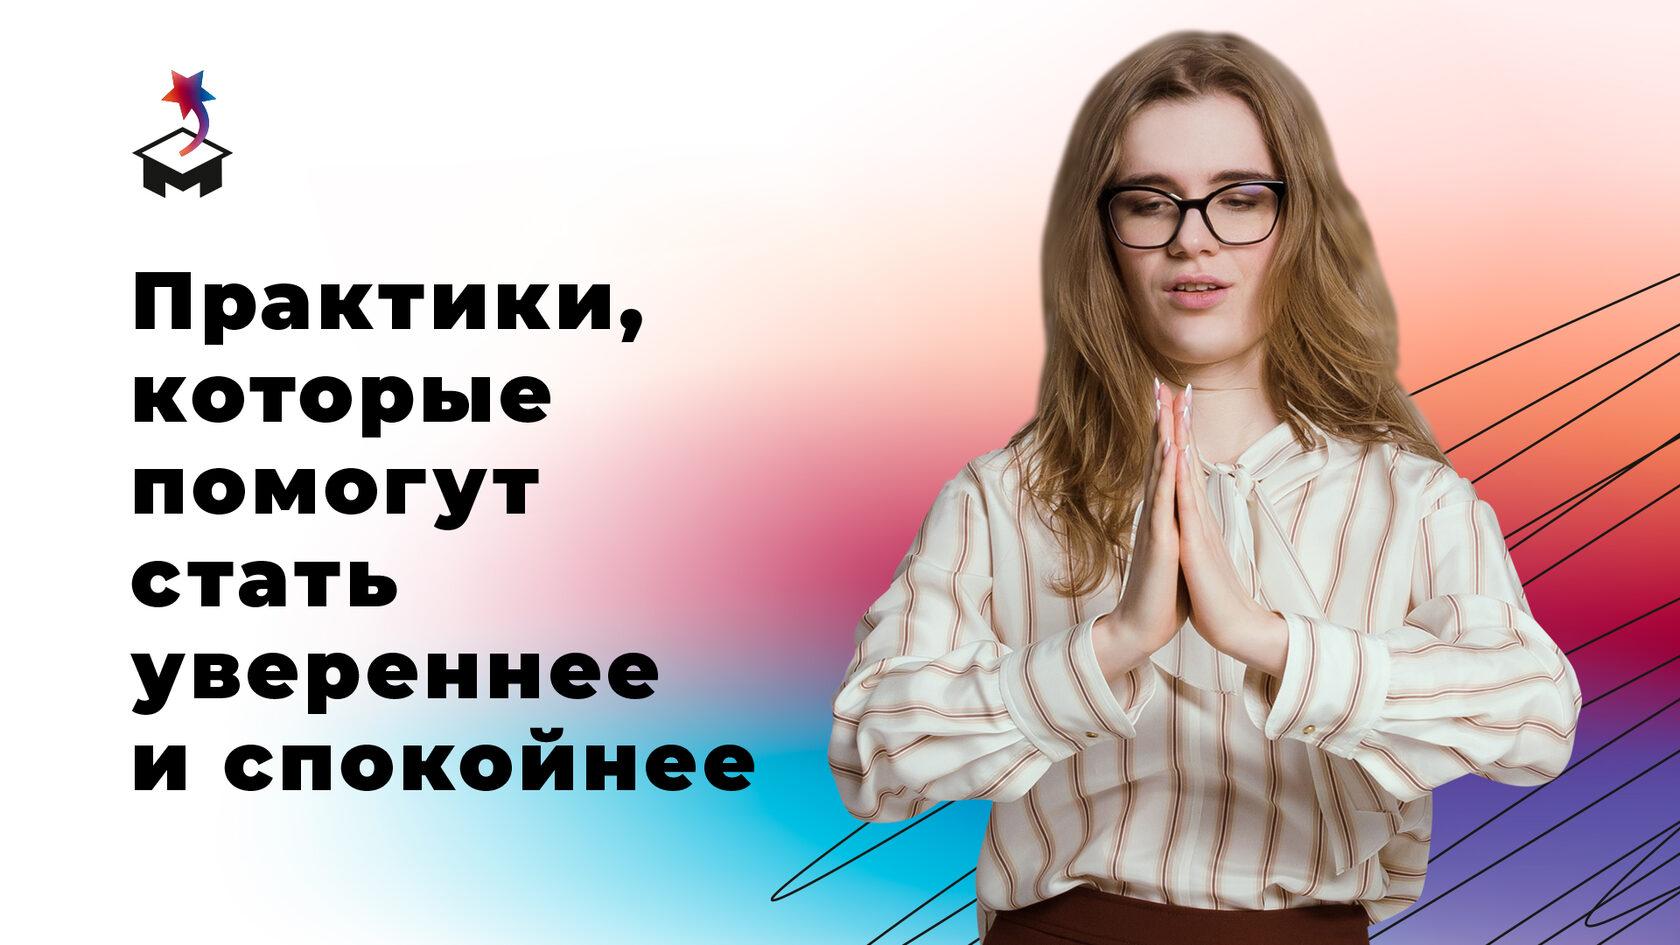 Анна Маркс медитирует, чтобы стать увереннее